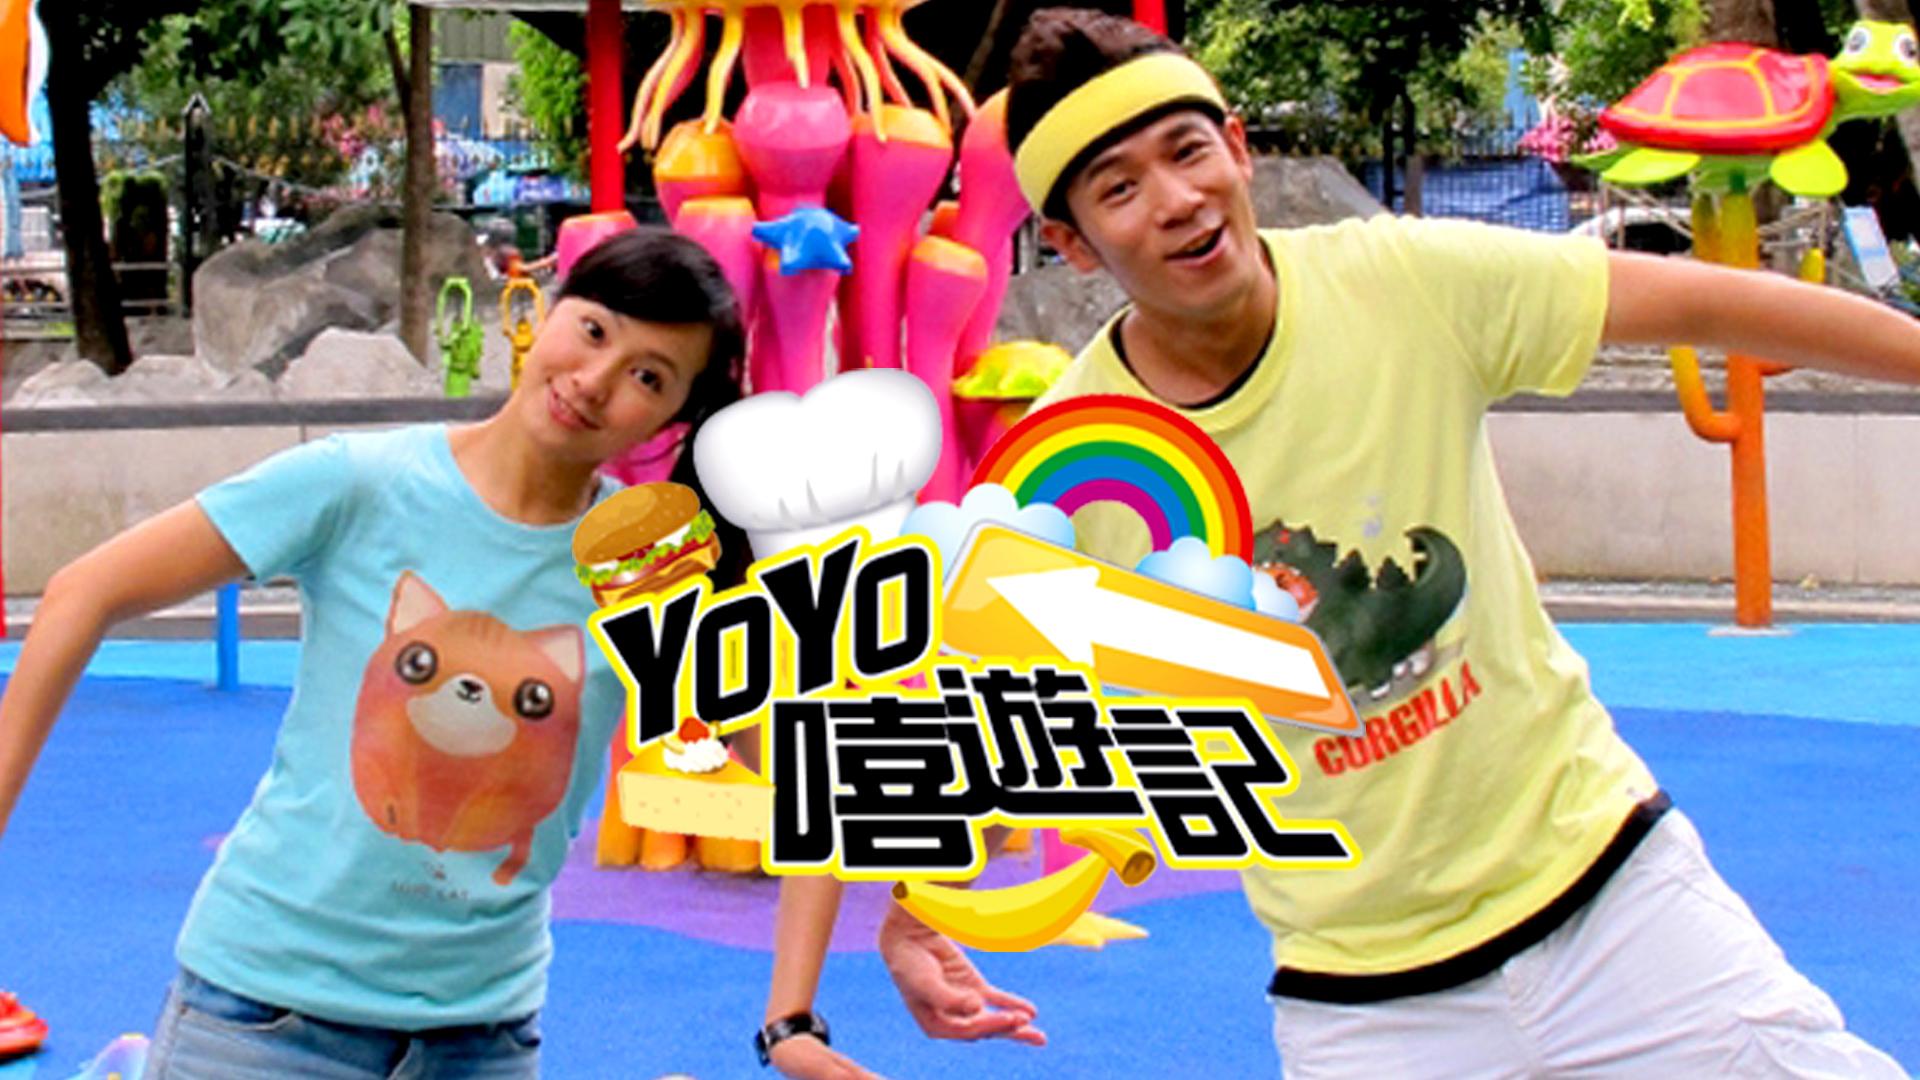 YOYO FUN TRAVEL